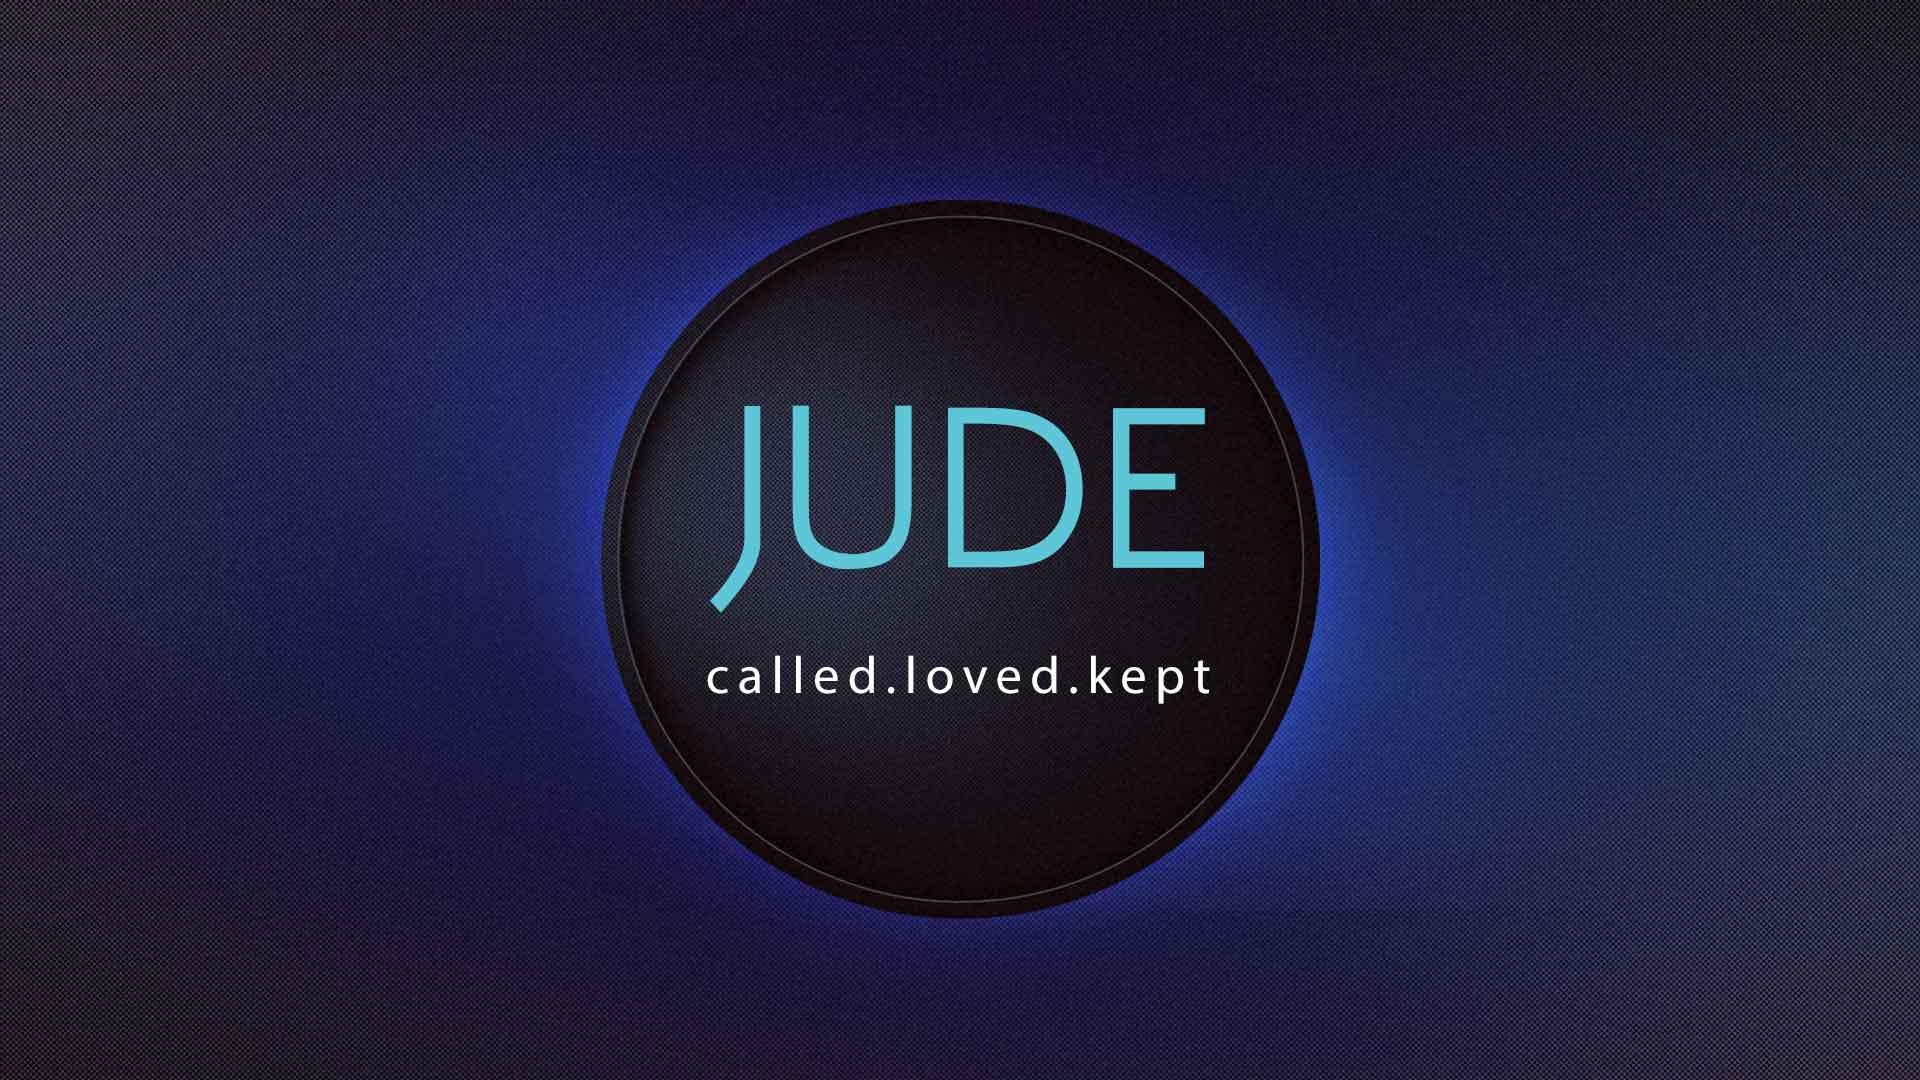 JUDE-TV-Phone-App-Wide1920x1080